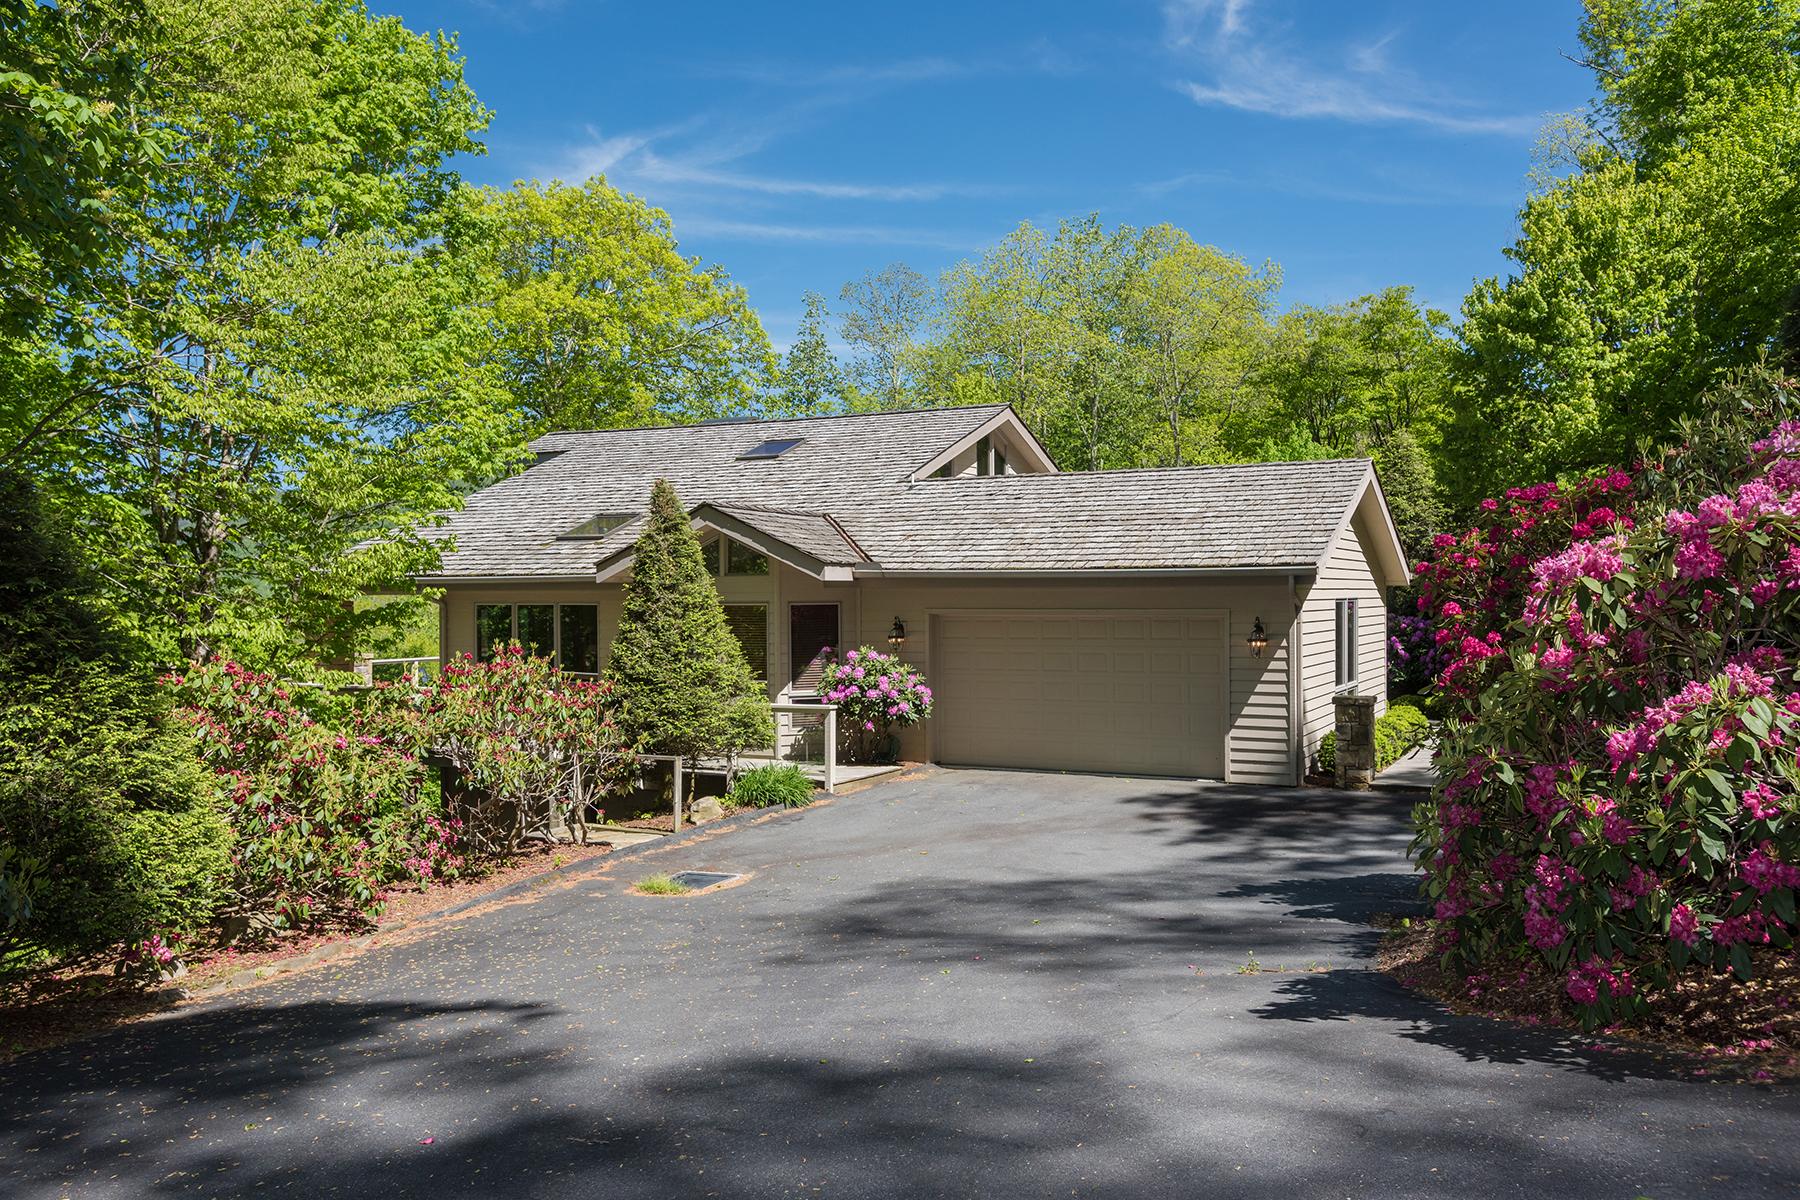 Duplex 為 出售 在 LINVILLE RIDGE 1506 Cranberry Cove Drive 15 Linville, 北卡羅來納州 28646 美國